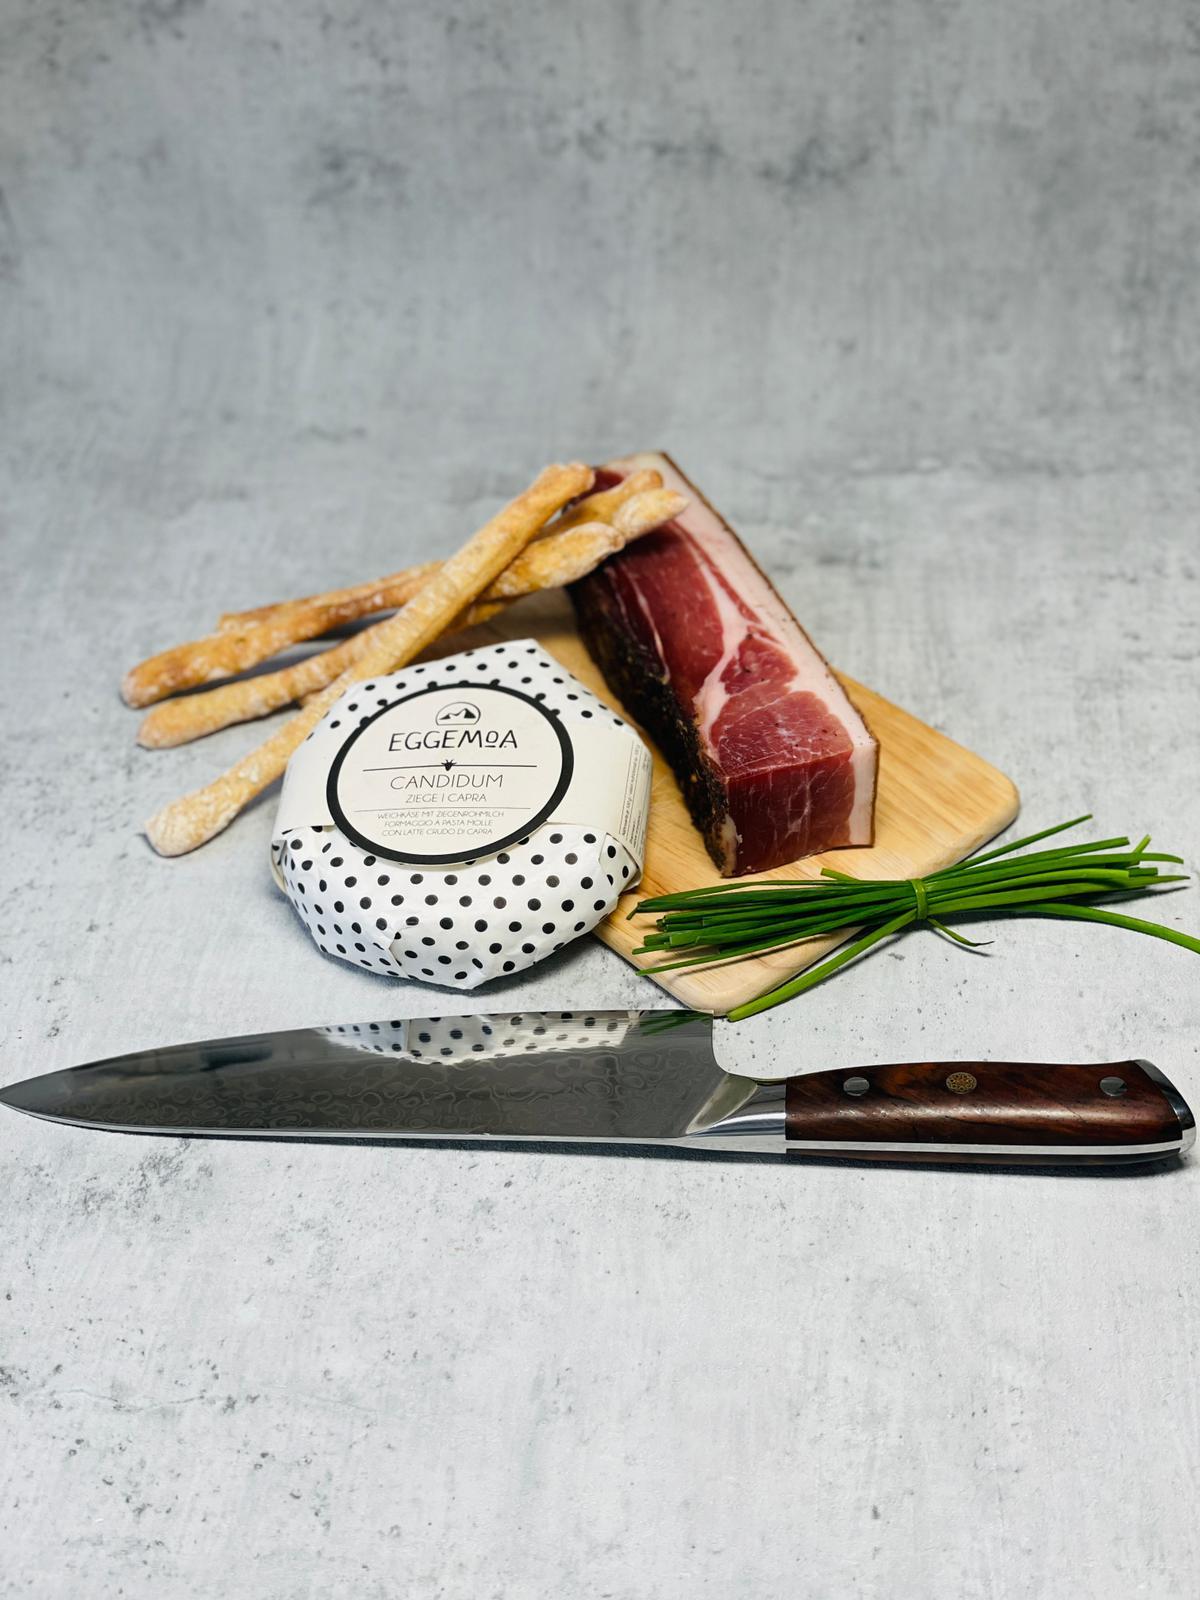 Ein Messer liegt vor Speck, Käse, Lauch und einigen Grissinis